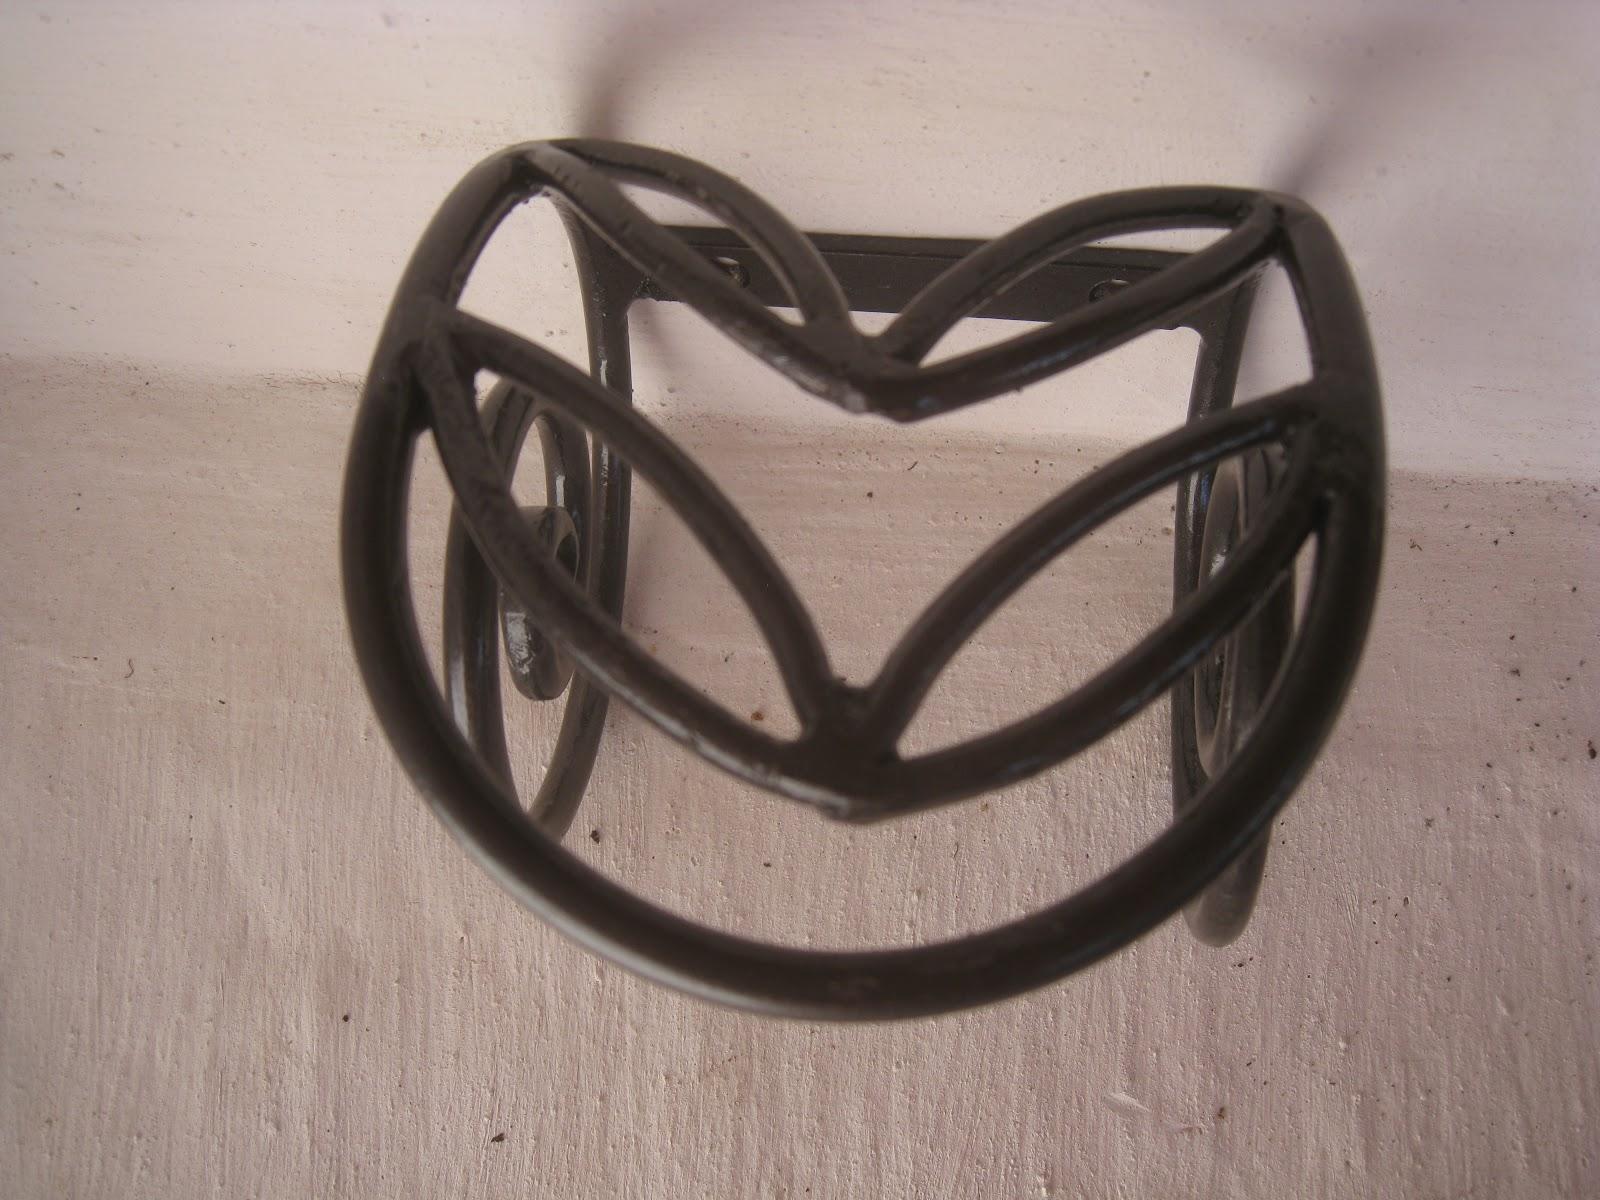 Mi forja yunque hierro y fuego accesorios - Portavelas de hierro ...